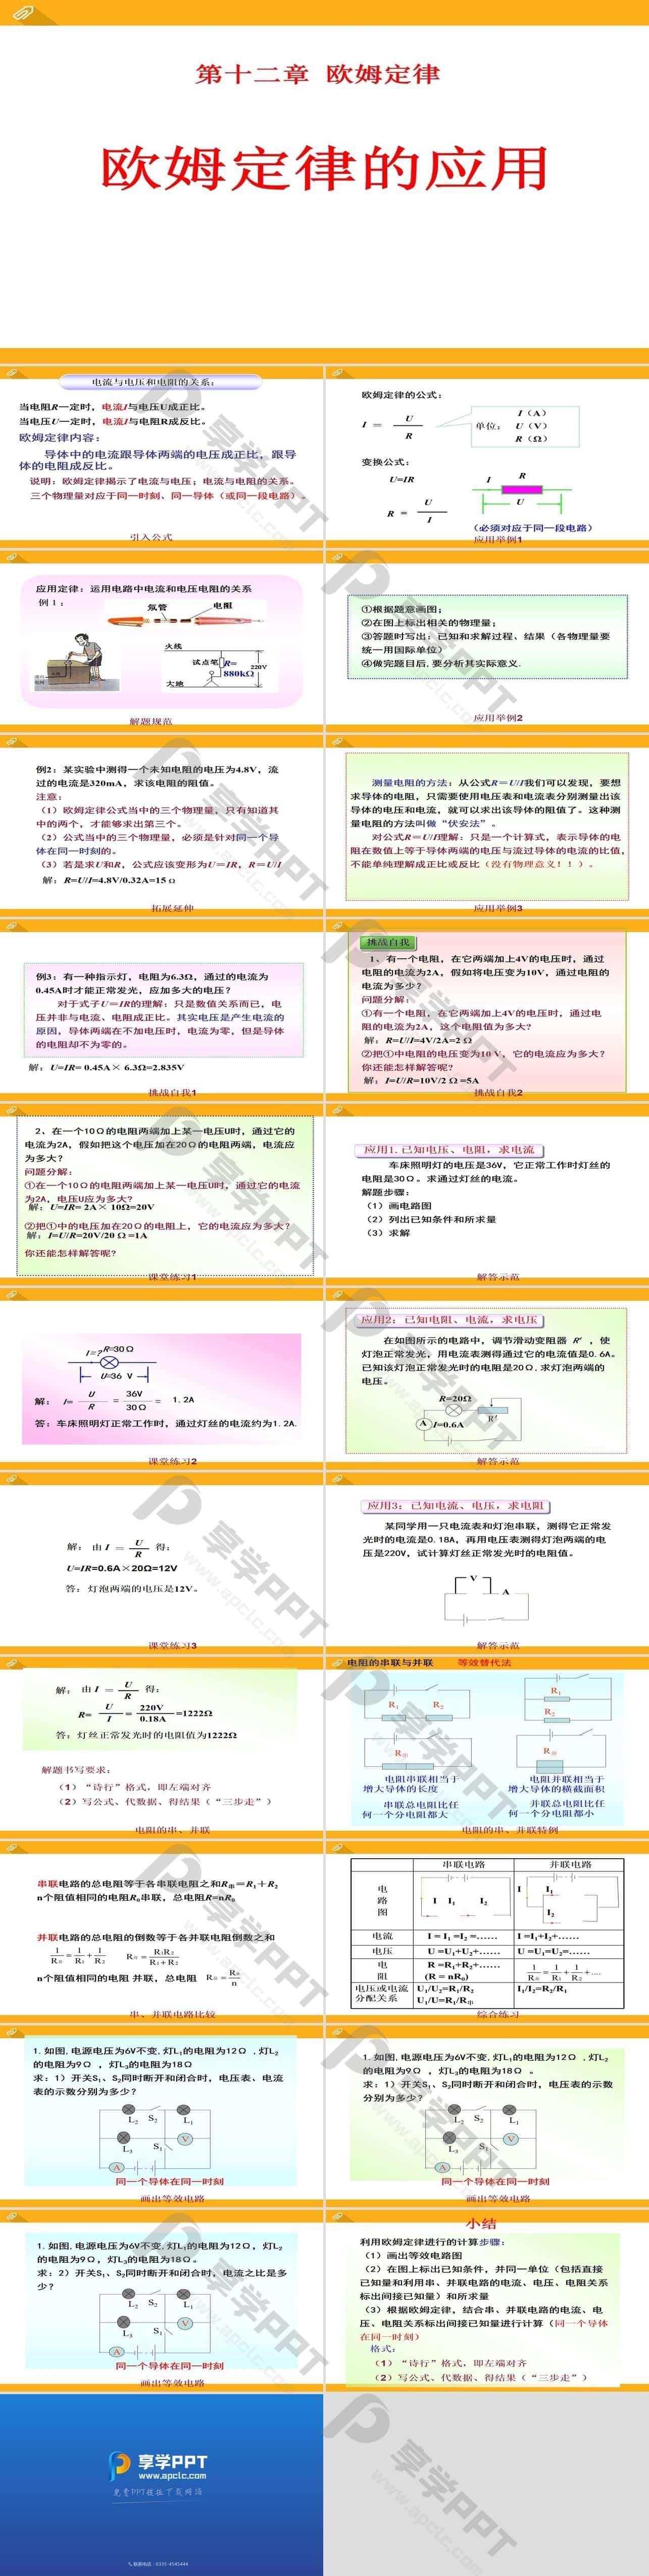 《欧姆定律的应用》欧姆定律PPT课件2长图